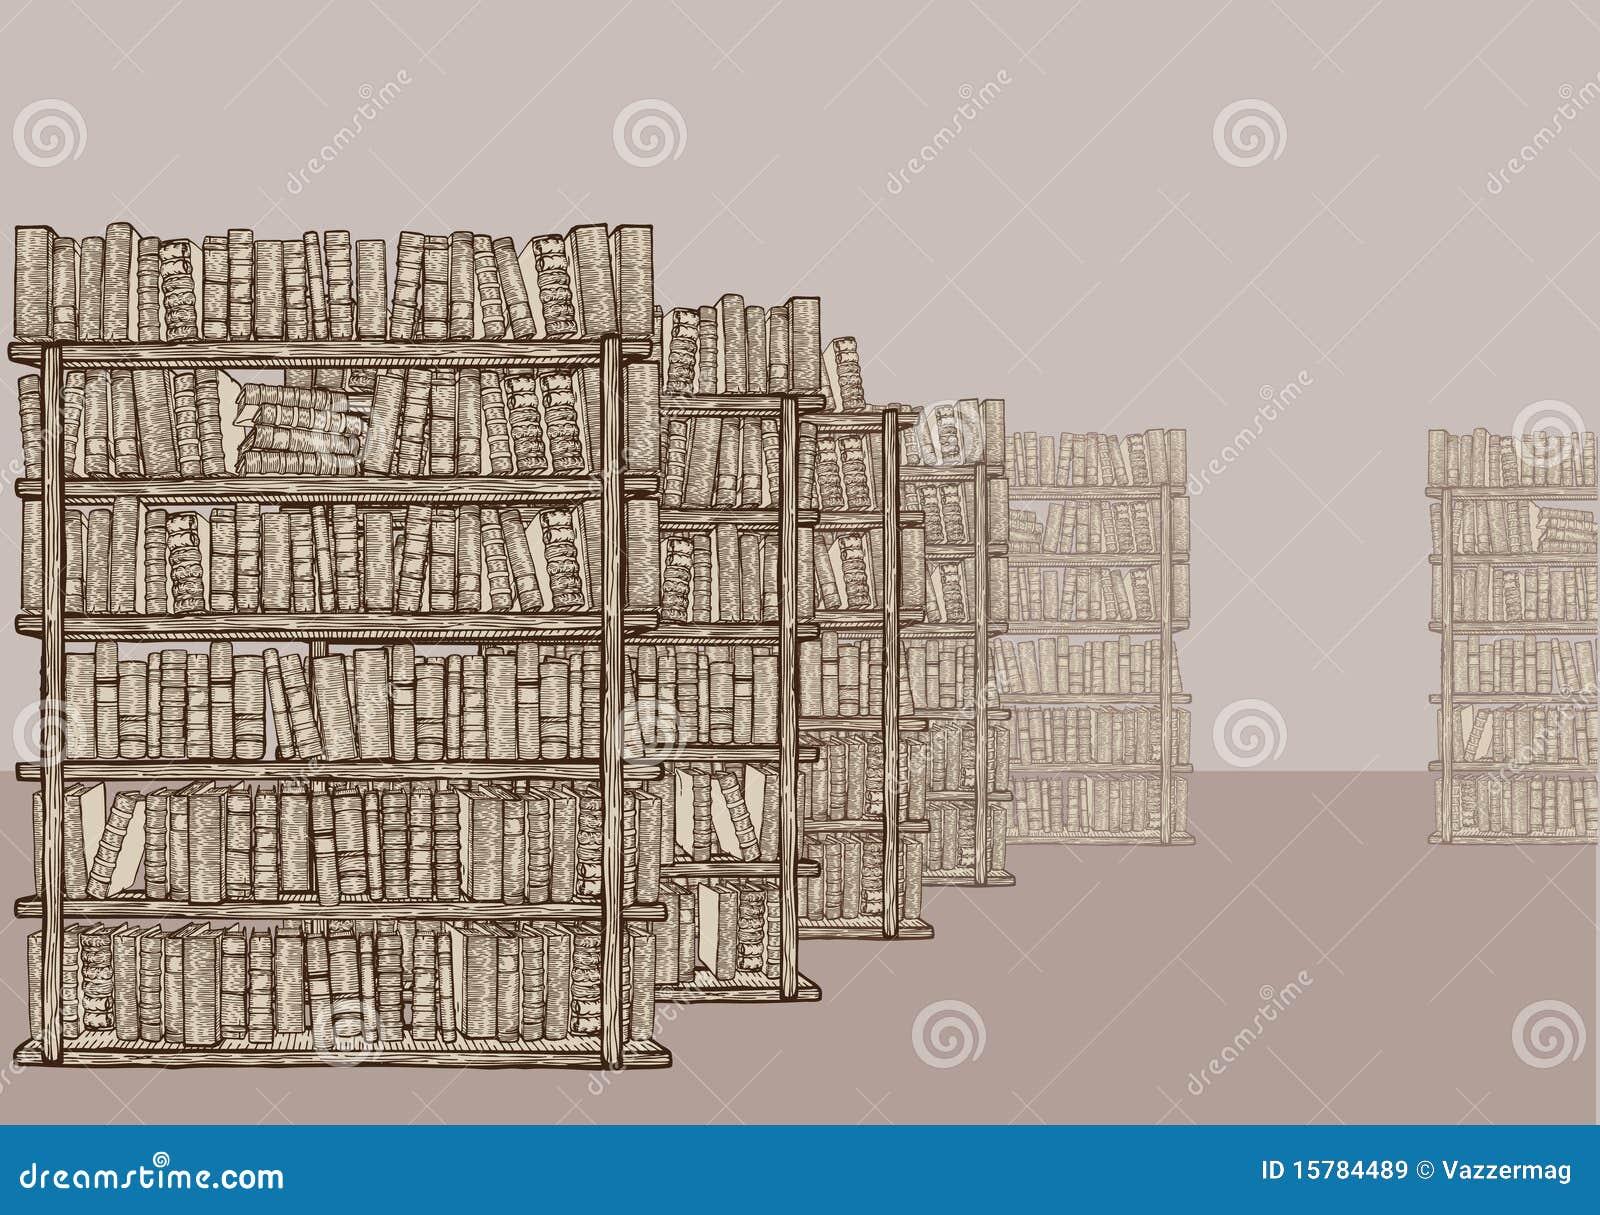 Bücherregal gezeichnet  Bibliothek Mit Bücherregalen Lizenzfreie Stockbilder - Bild: 15784489